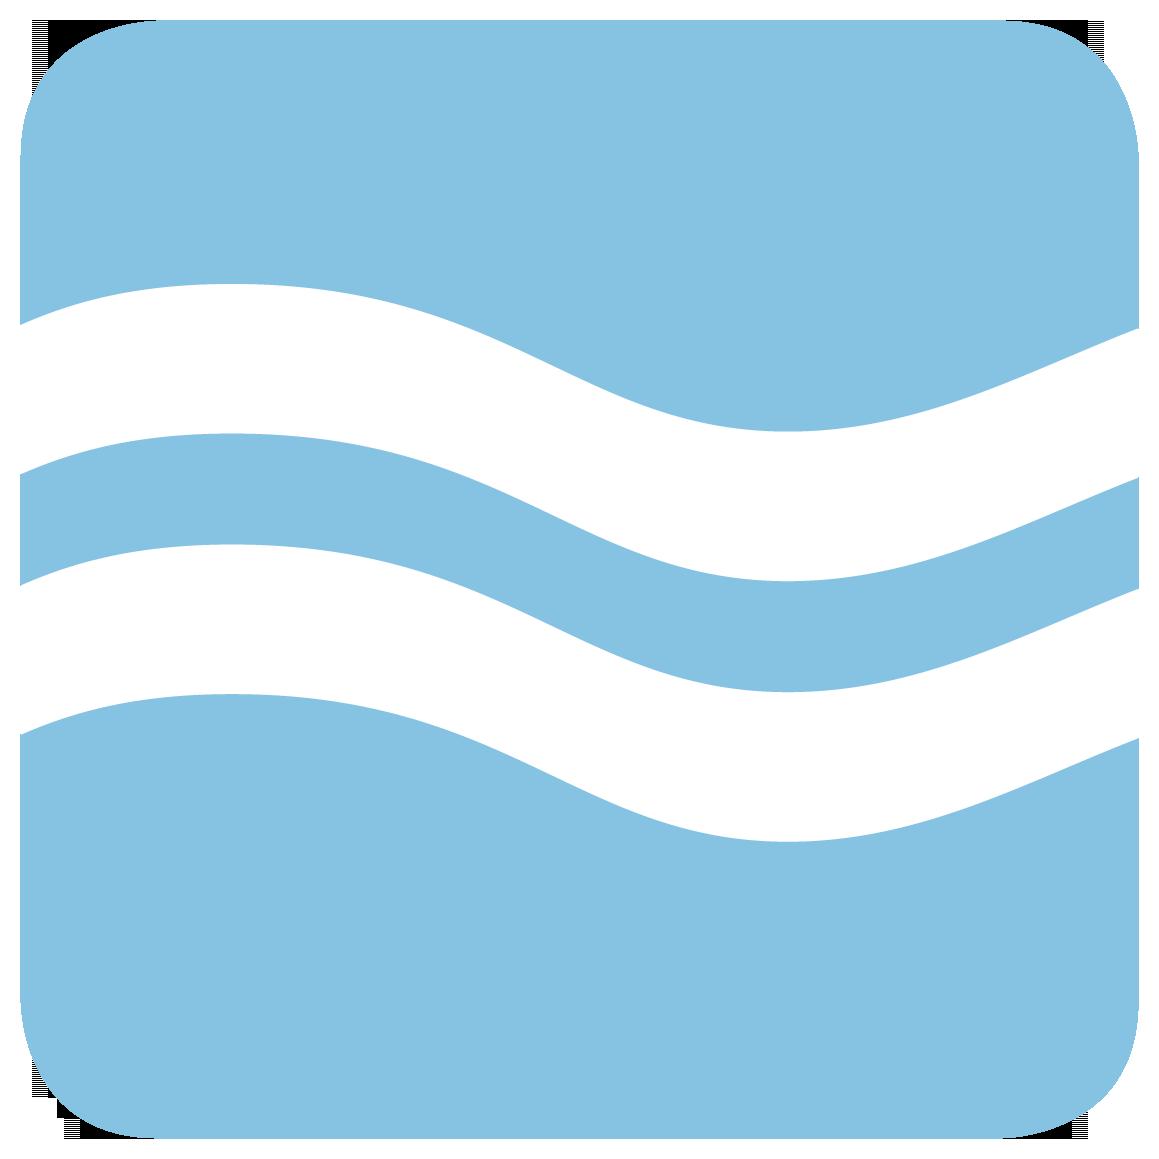 » Mediacenter-Datenarchiv » Bilder_Wasser » icon_wasser_2.png